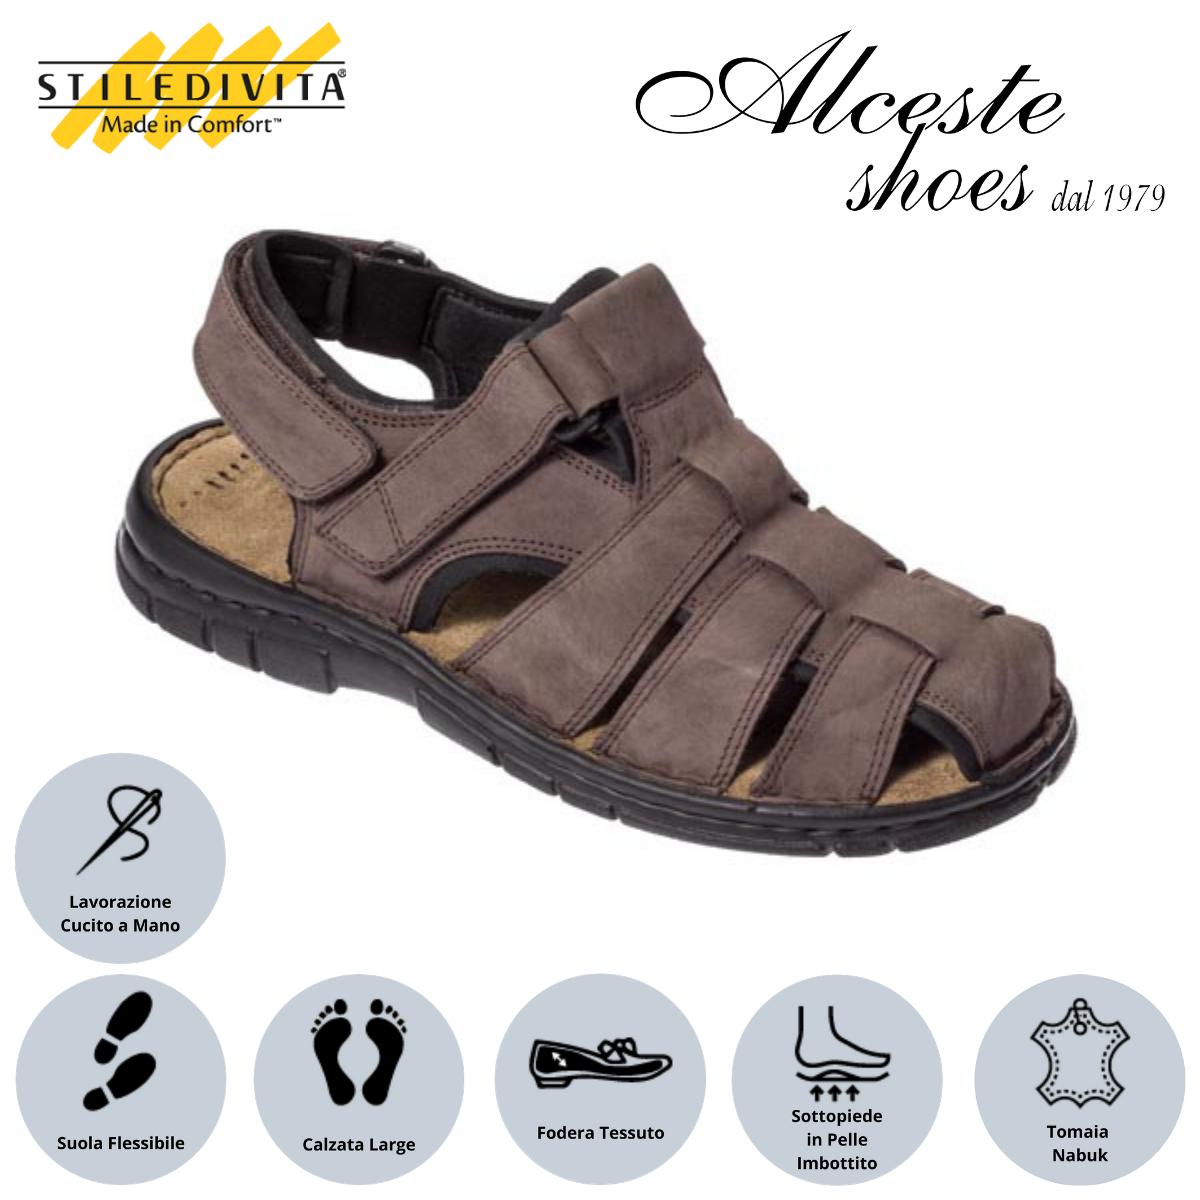 Sandalo Uomo con Strappi Stiledivita Art. 7880 Nabuk T. di Moro Alceste Shoes 18